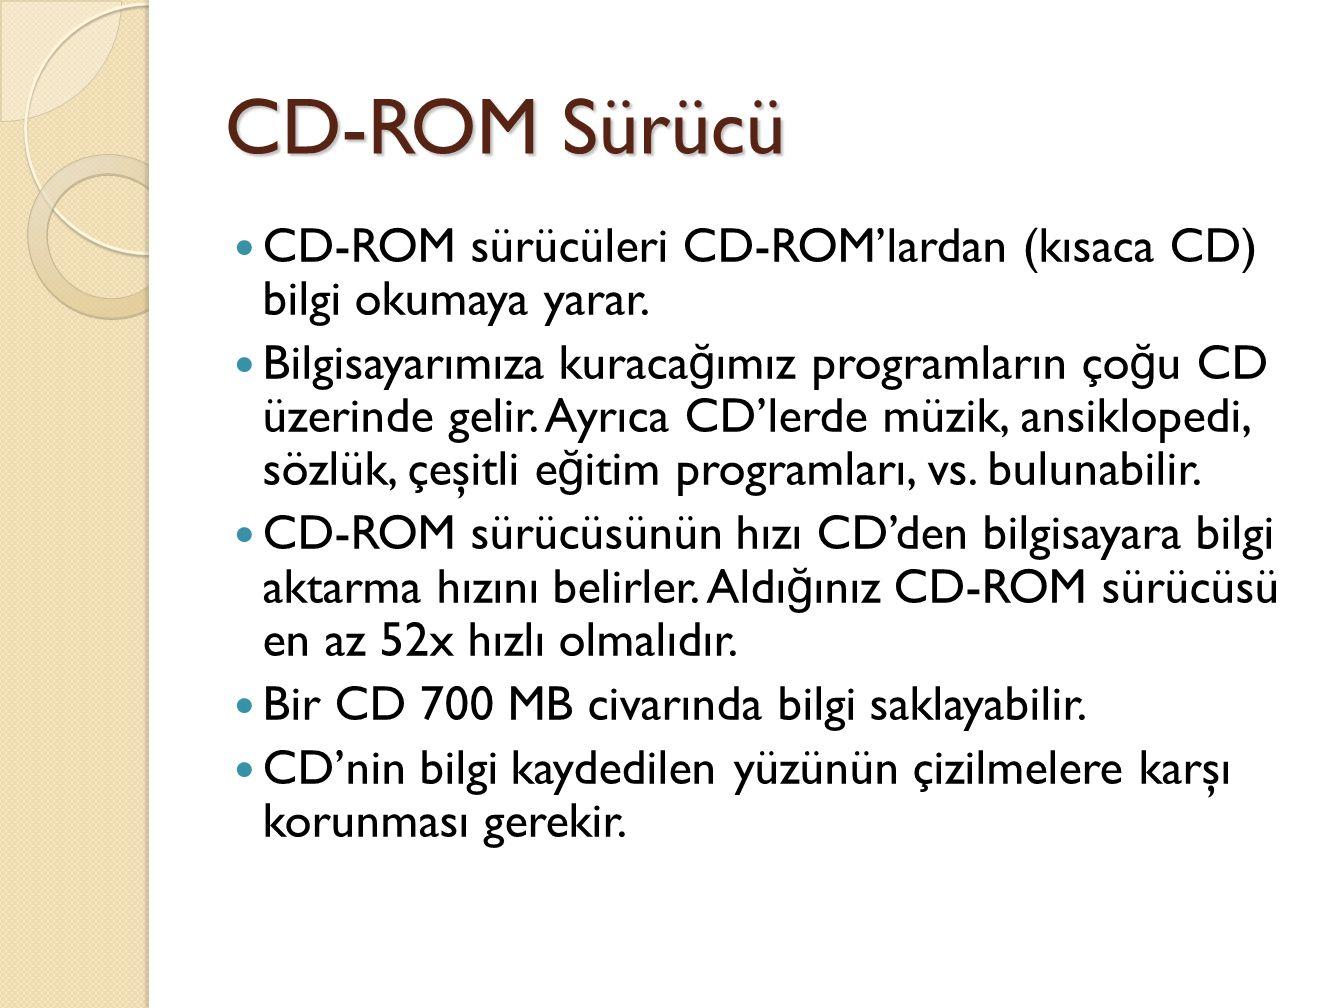 CD-ROM sürücüleri CD-ROM'lardan (kısaca CD) bilgi okumaya yarar.